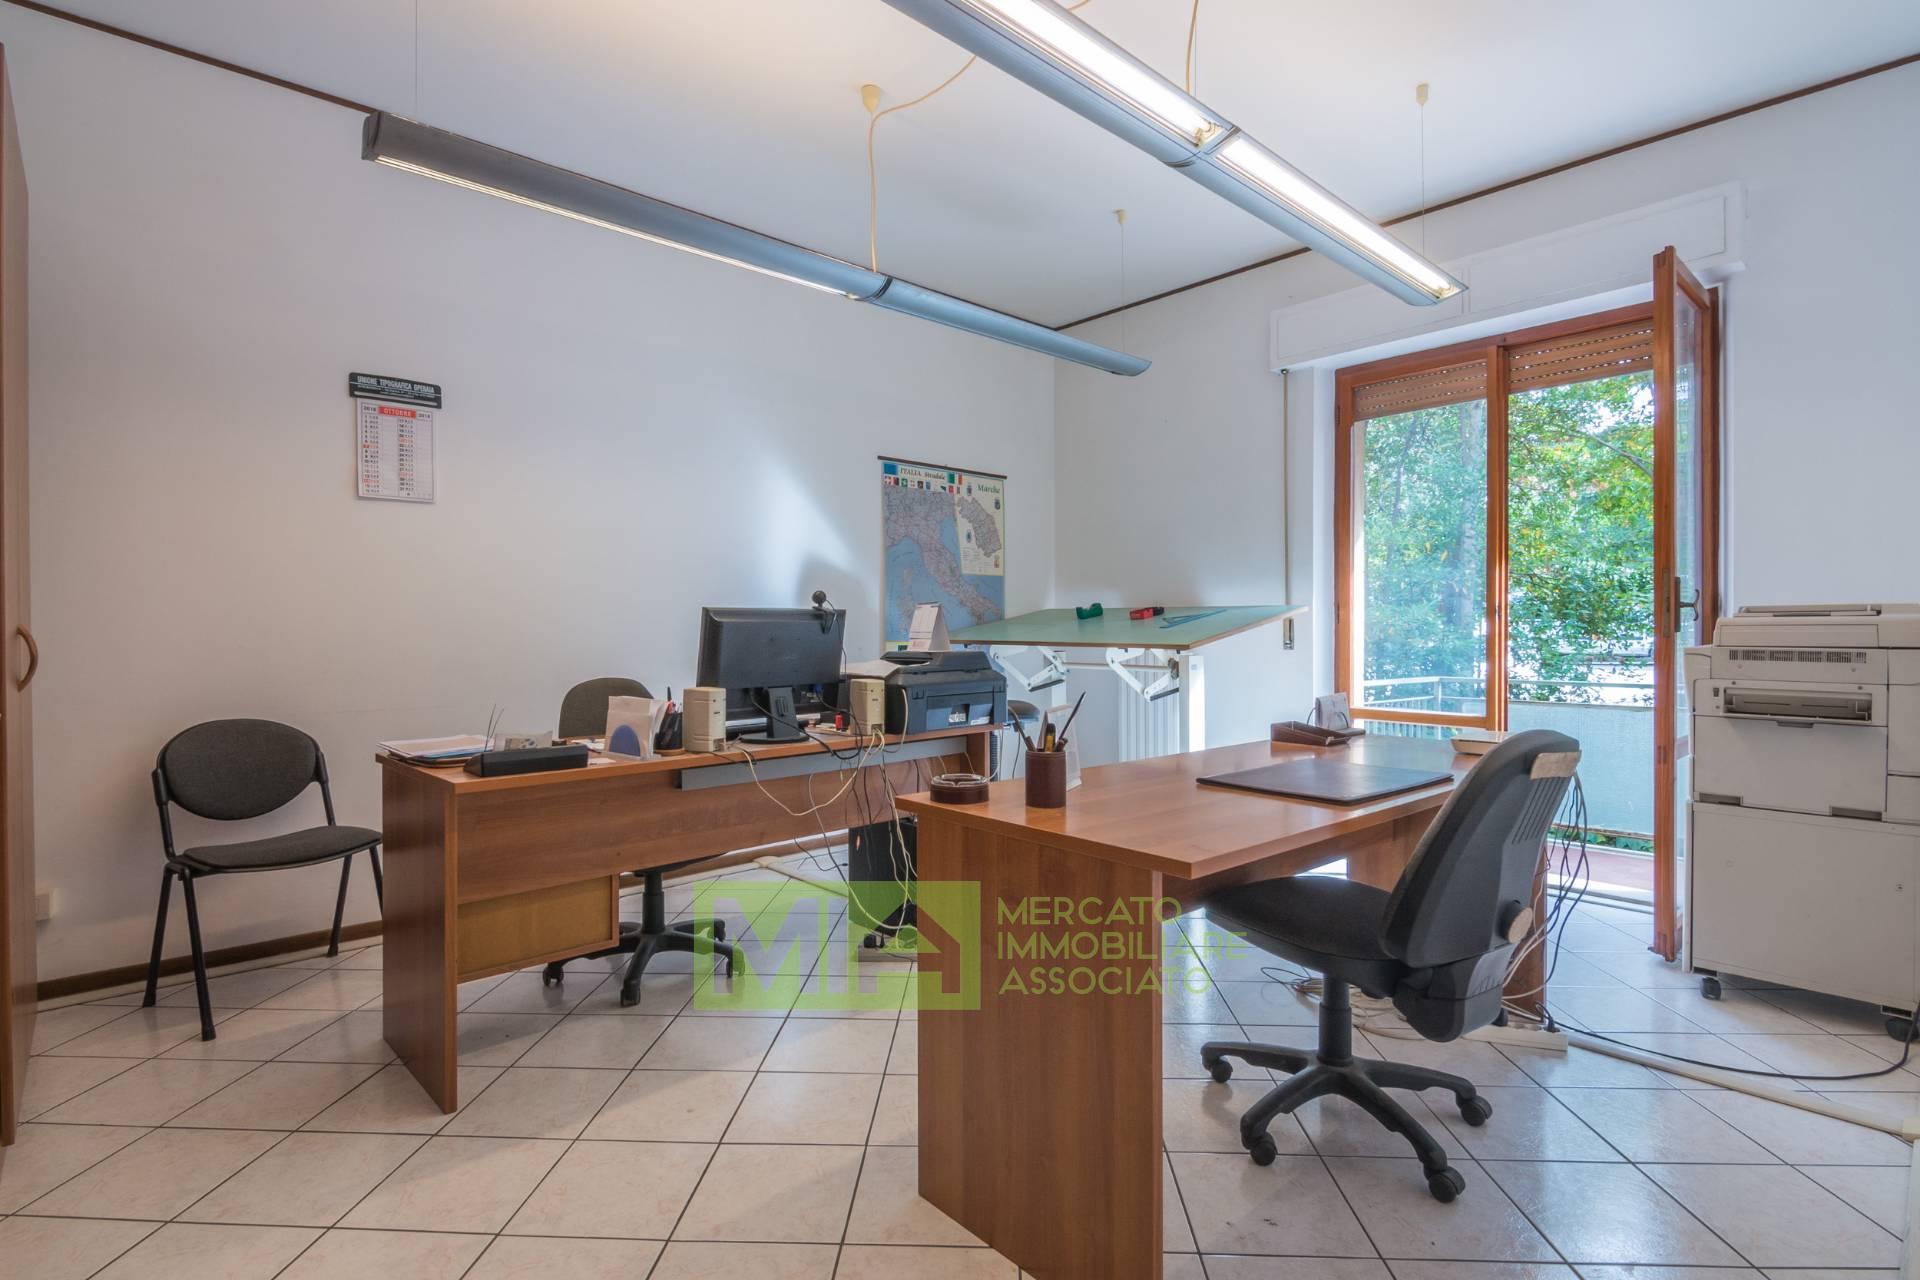 Appartamento in vendita a Macerata, 6 locali, zona Località: STAZIONE, prezzo € 120.000   CambioCasa.it